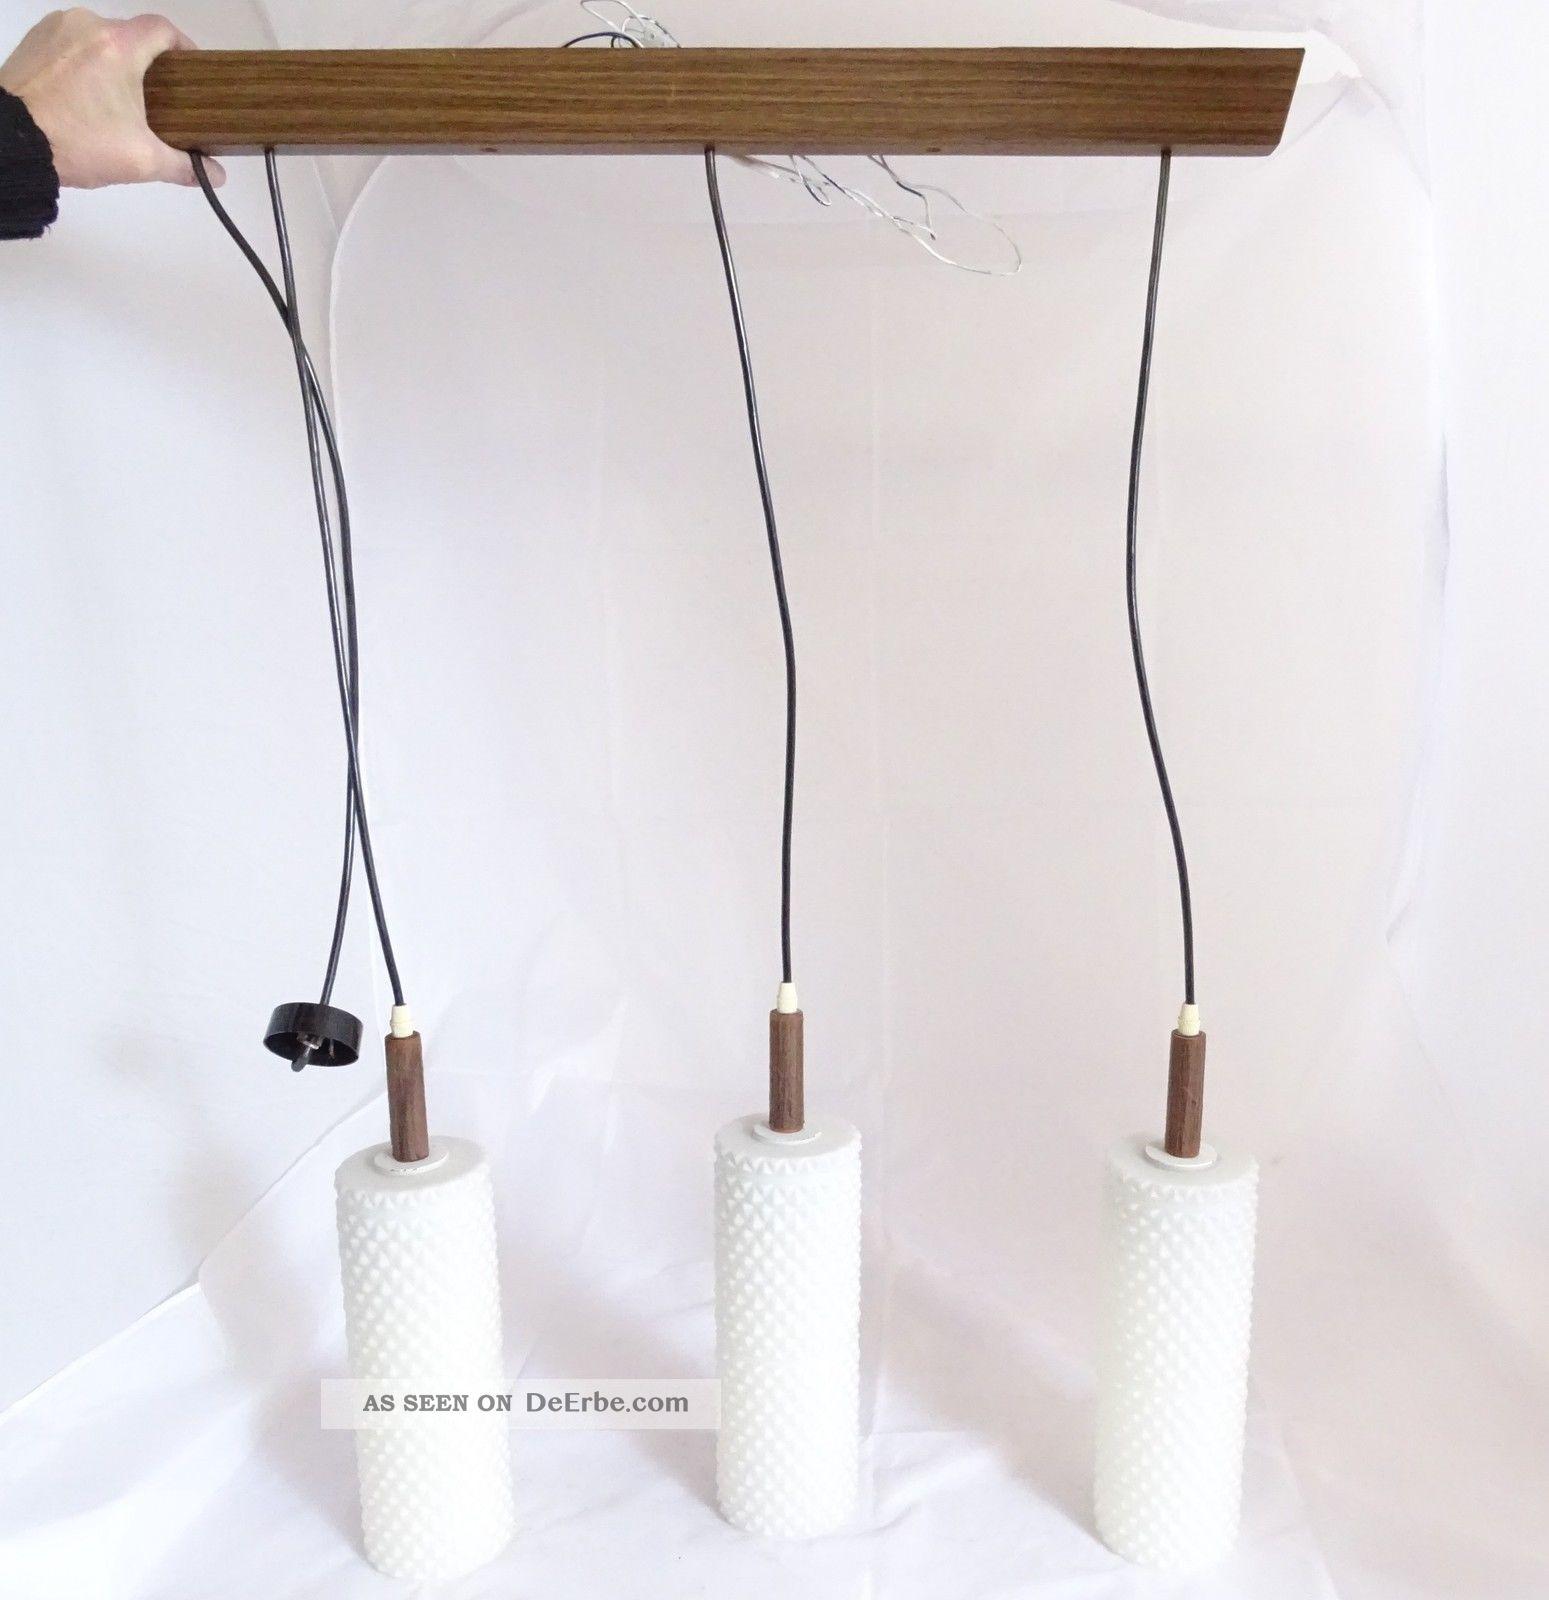 Mid Century Kaskadenlampe Deckenlampe Retro Design Klassiker 60/70er Jahre 1970-1979 Bild